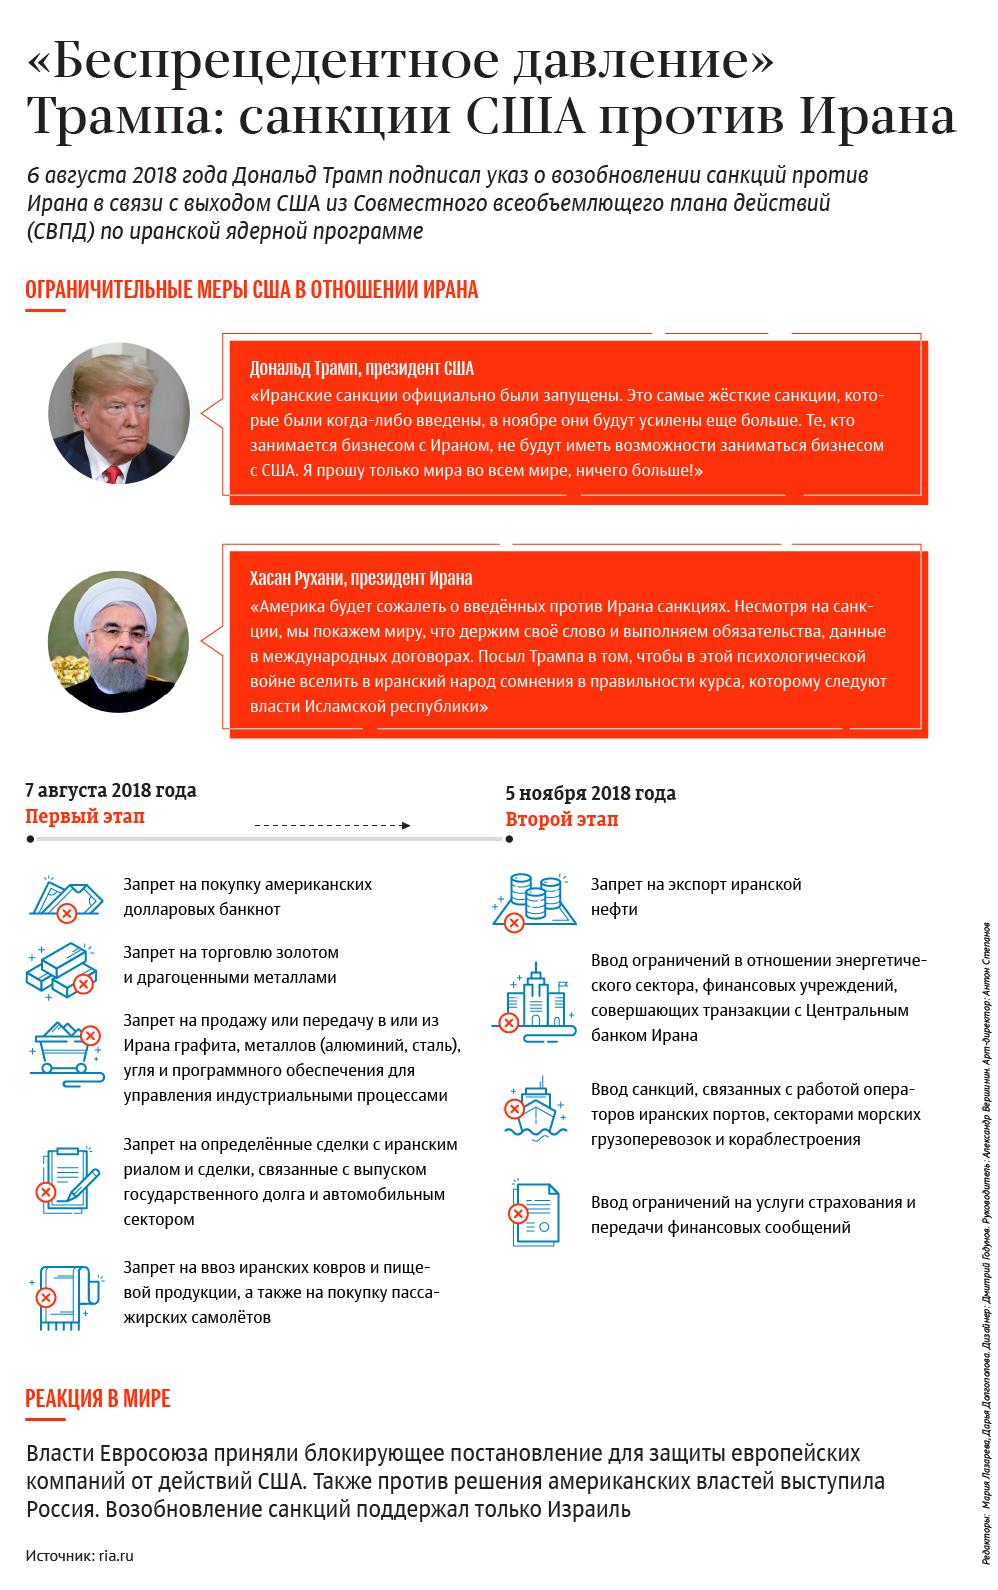 Санкции США против Ирана